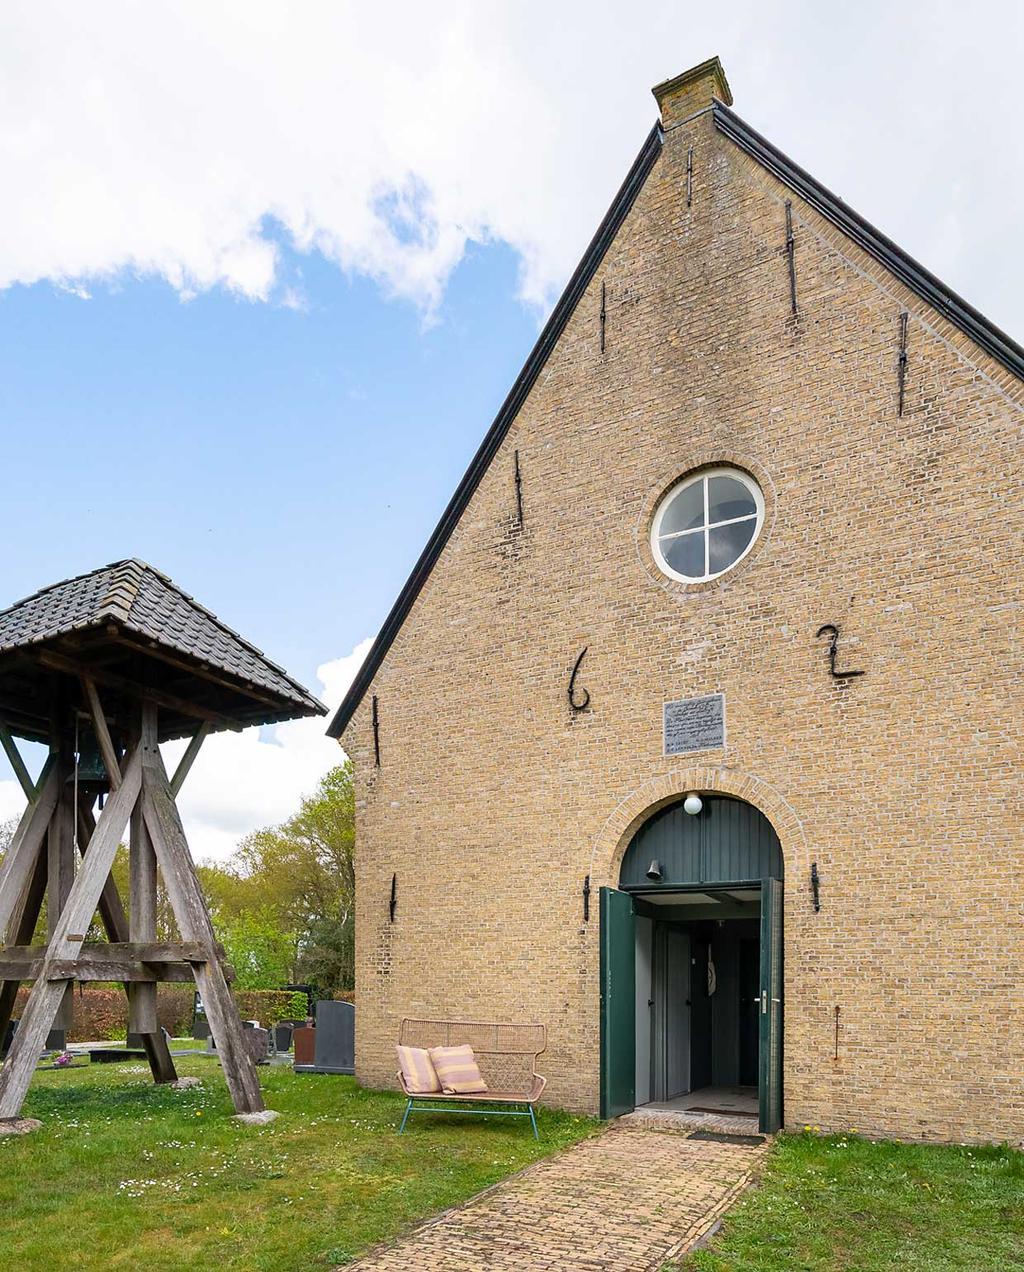 heilige nachten en made.com | overnachten in een opgeknapte kerk | kerk uit 1621 en beltoren